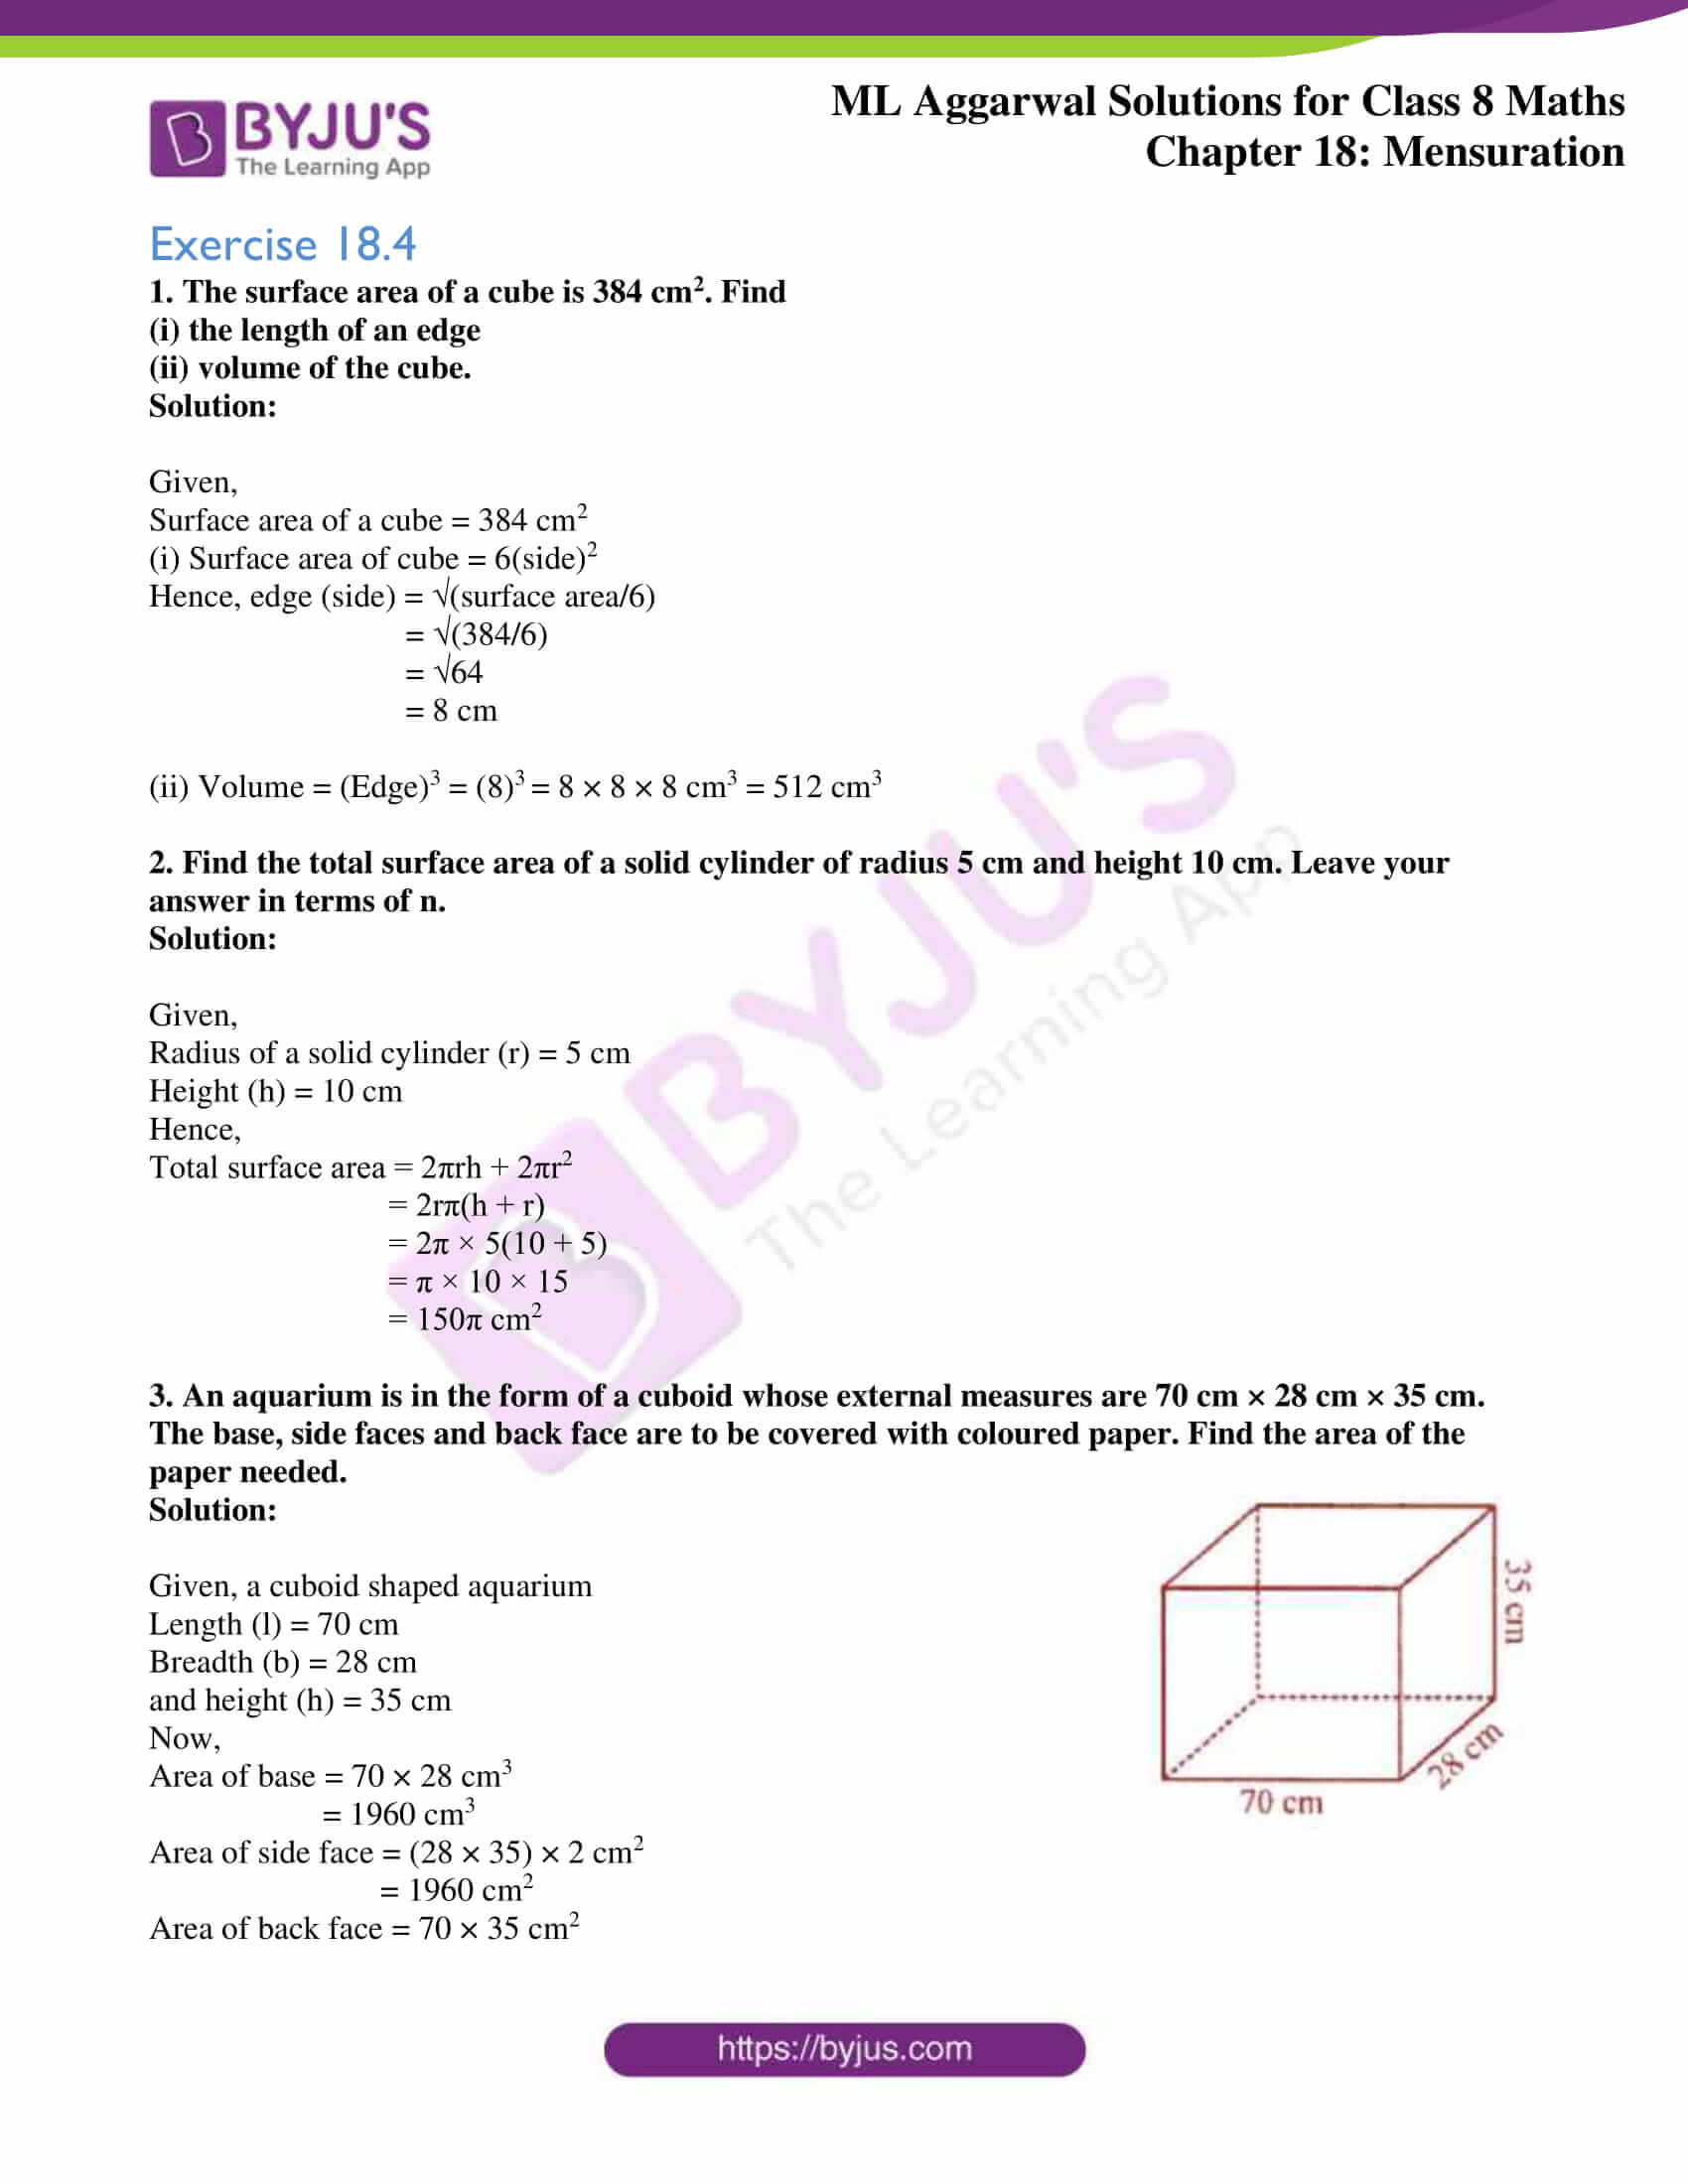 ml aggarwal sol mathematics class 8 ch 18 28